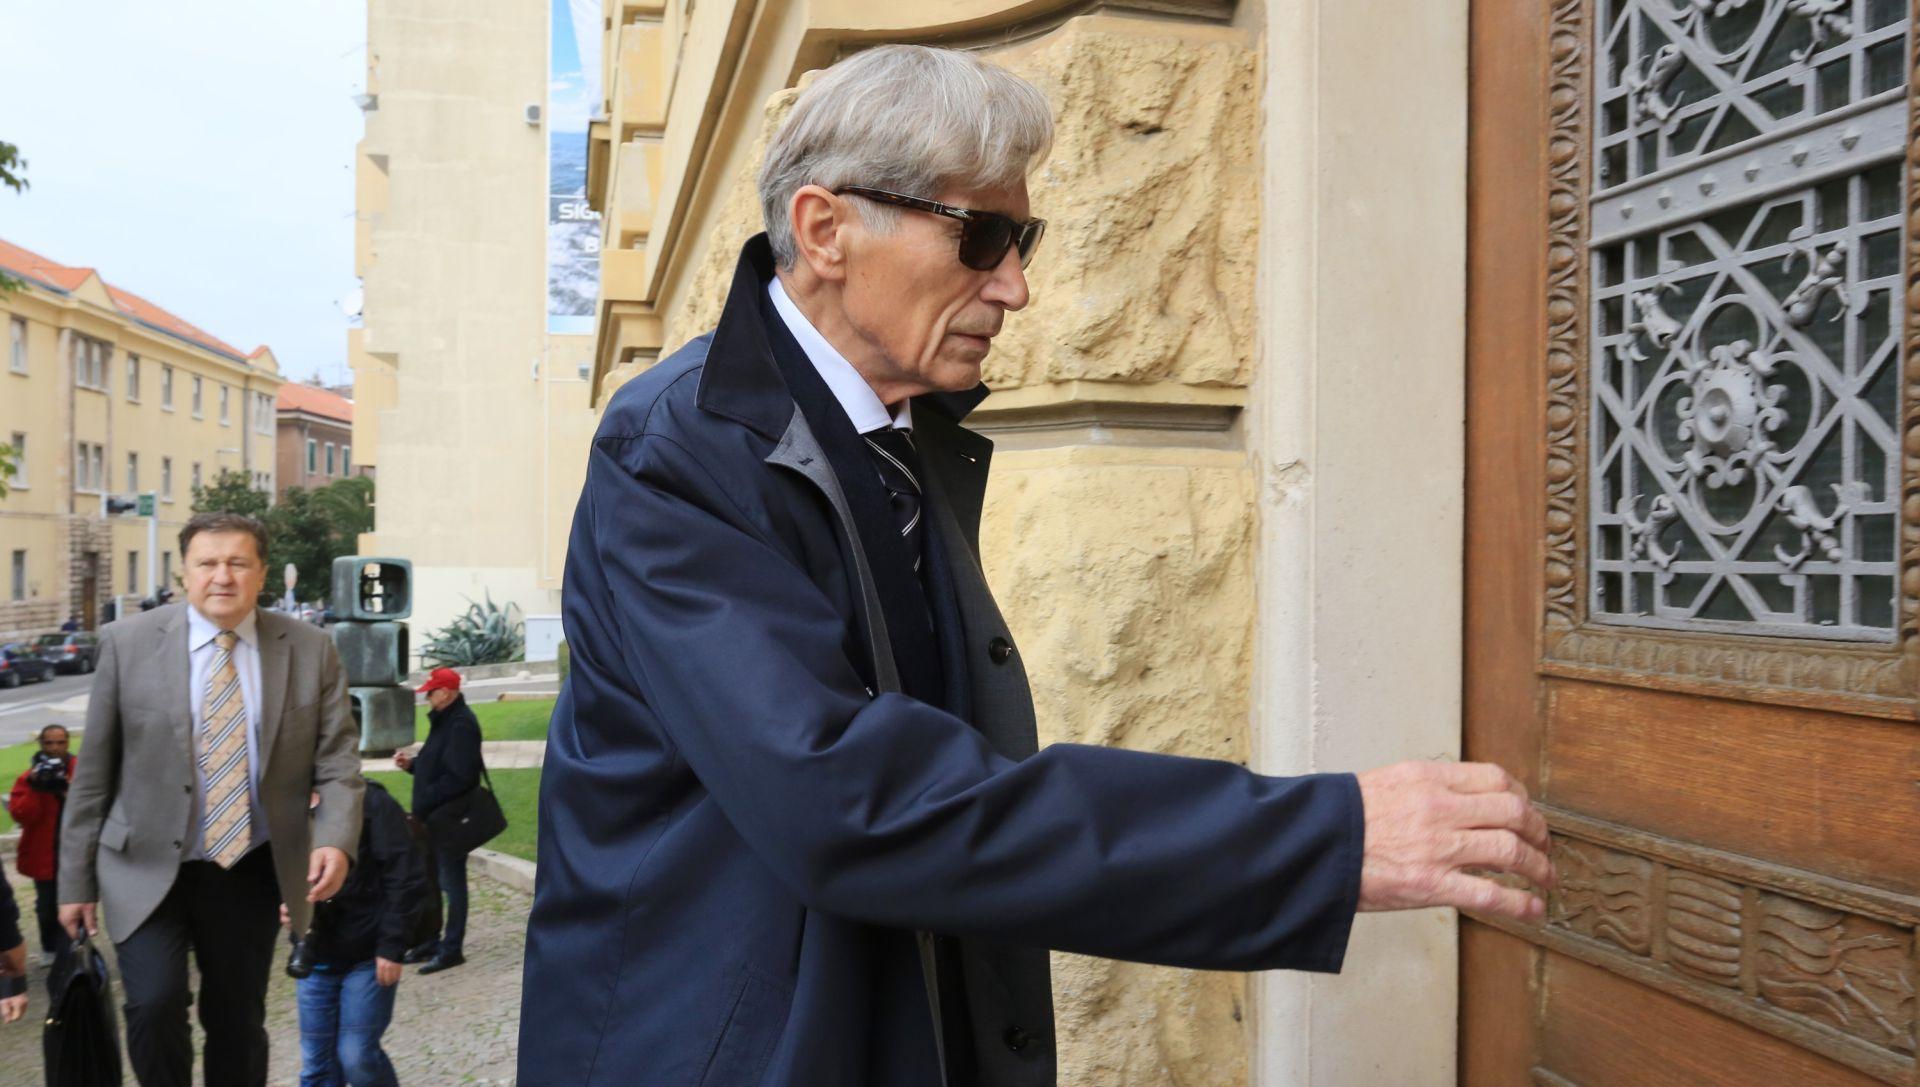 Horvatinčiću će za smrt dvoje Talijana opet suditi Maja Šupe